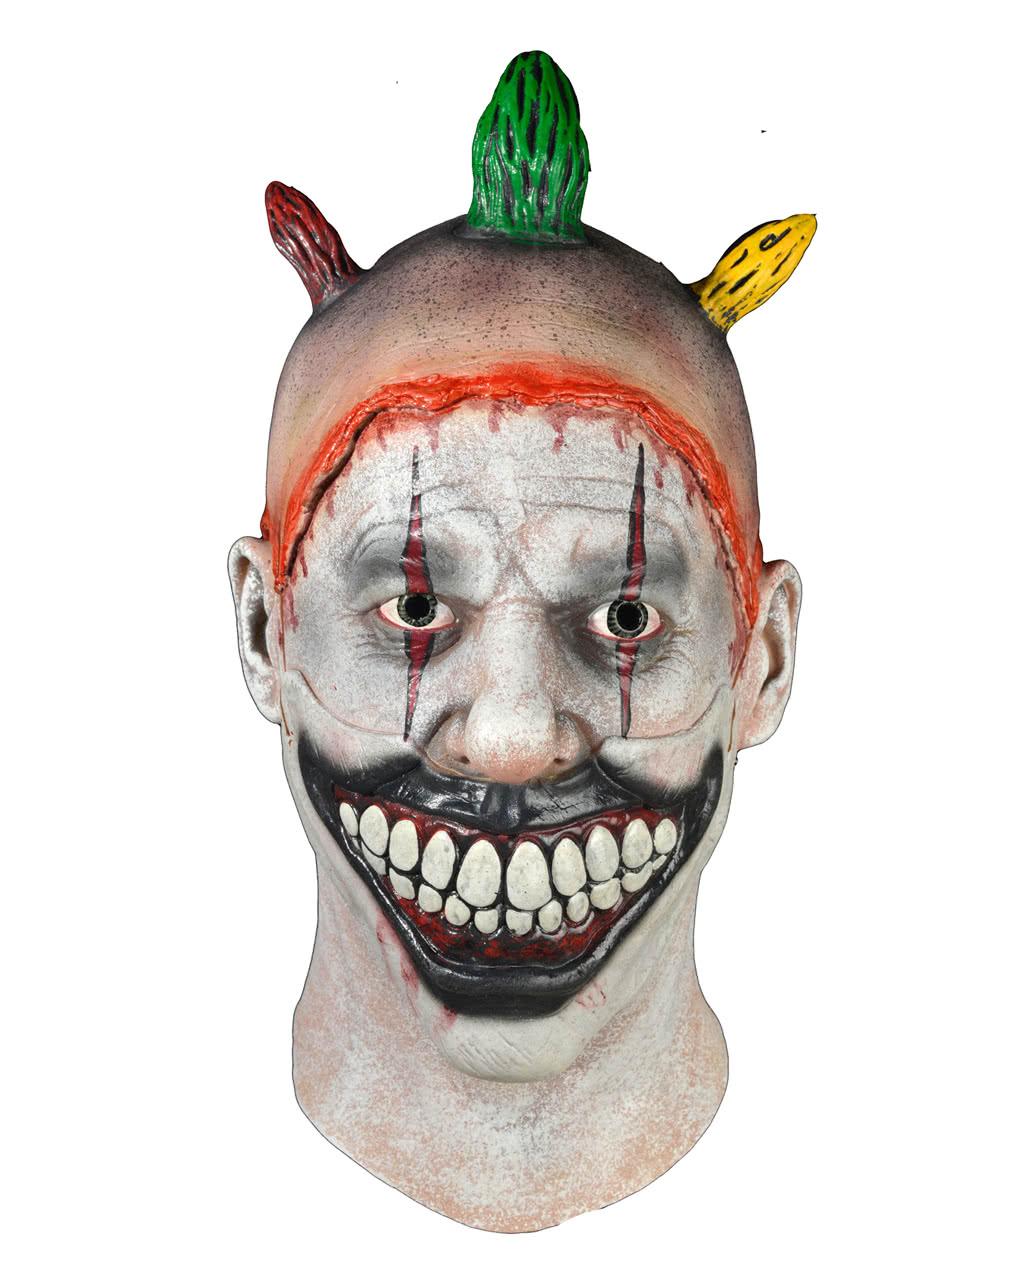 american horror story twisty der clown maske horror clown maske karneval universe. Black Bedroom Furniture Sets. Home Design Ideas